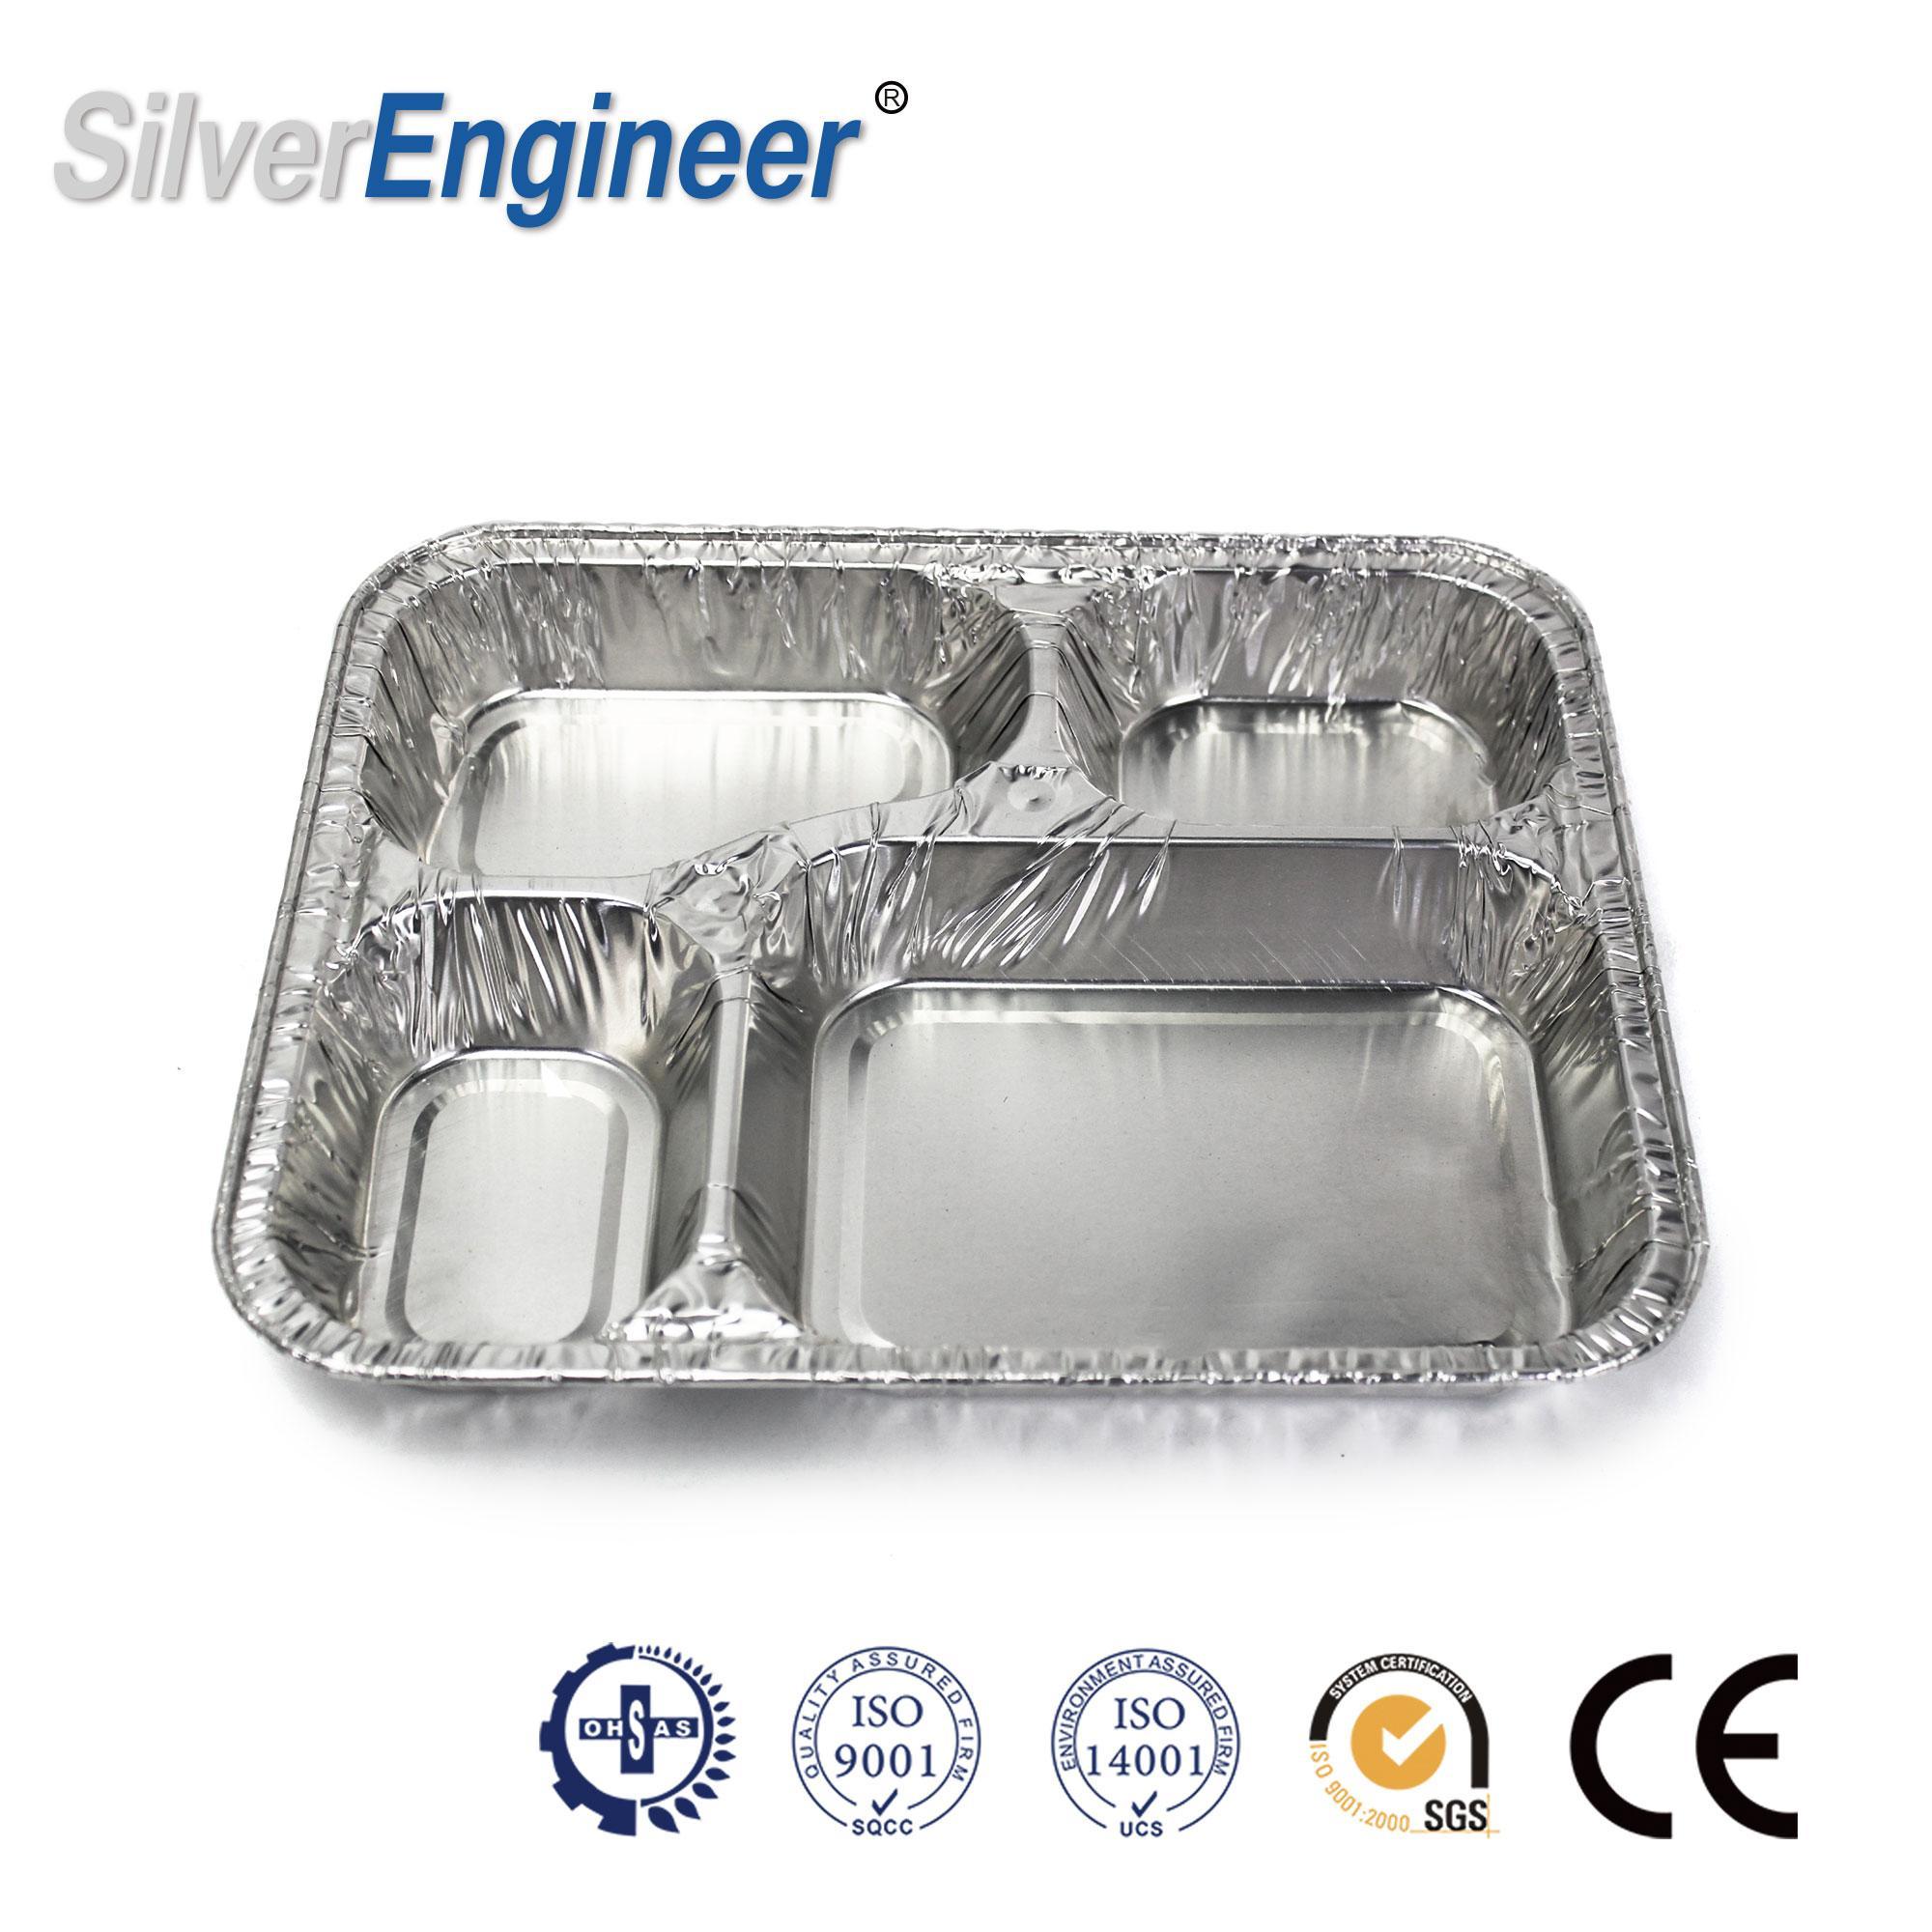 4-compartment aluminum foil container